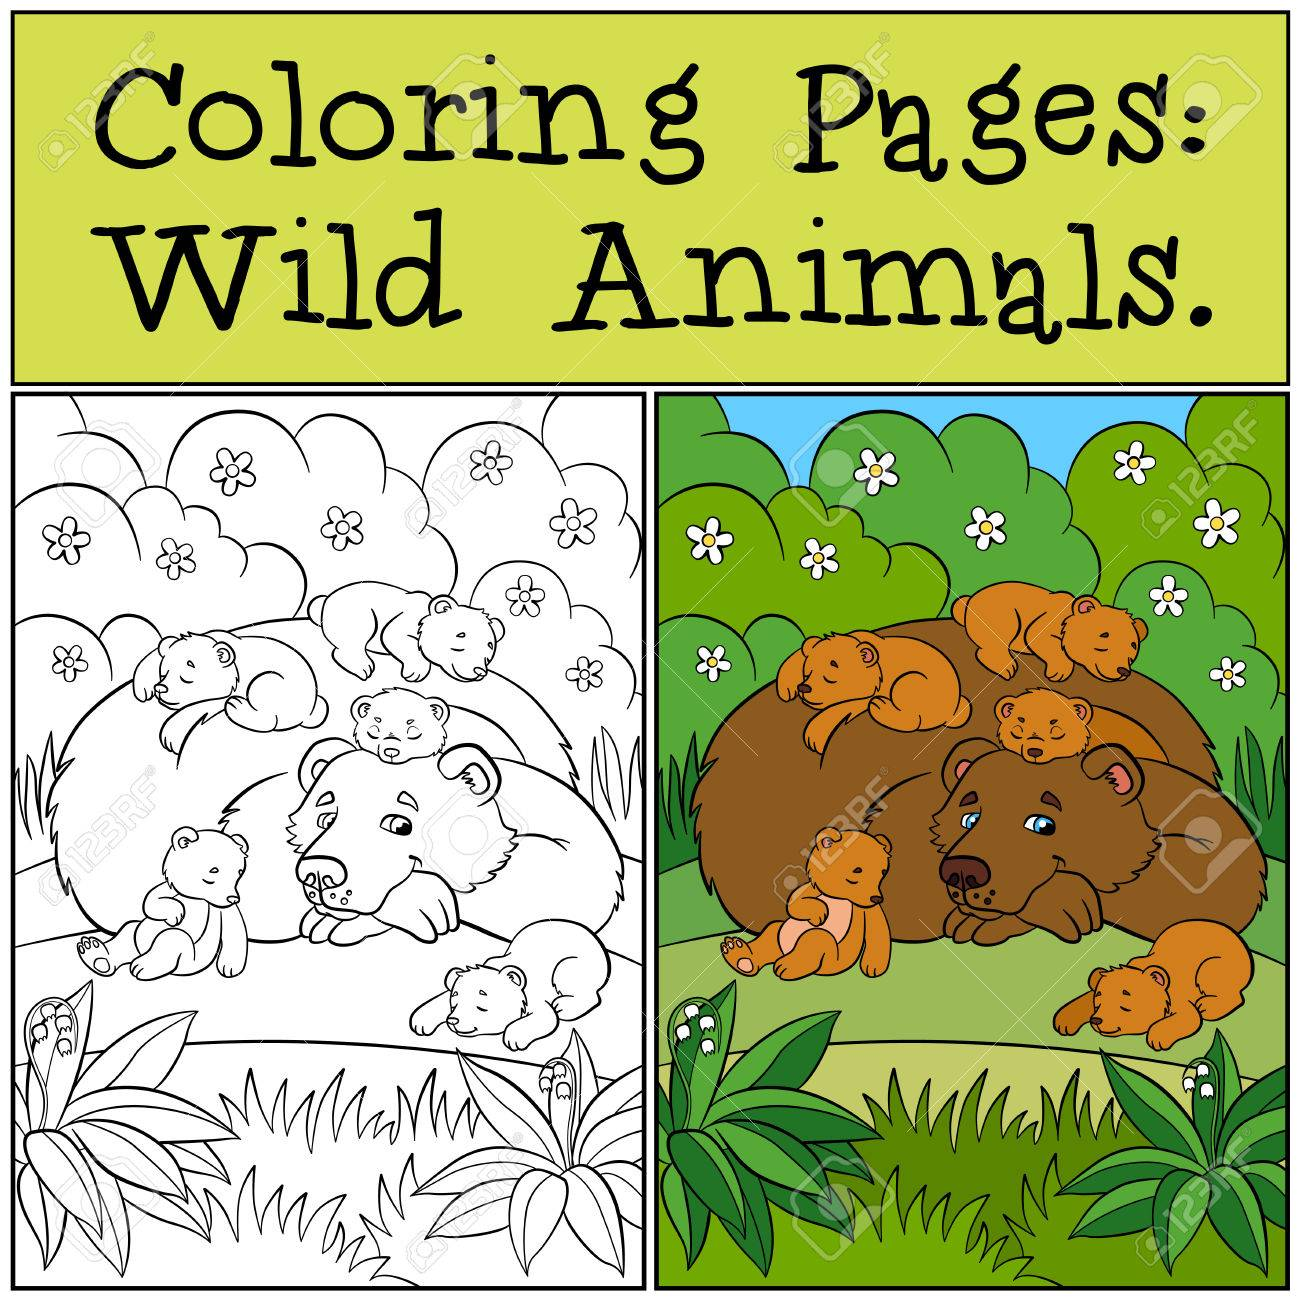 Páginas Para Colorear Animales Salvajes Papá Oso Lindo Con Sus Pequeños Osos Exhibe En El Bosque